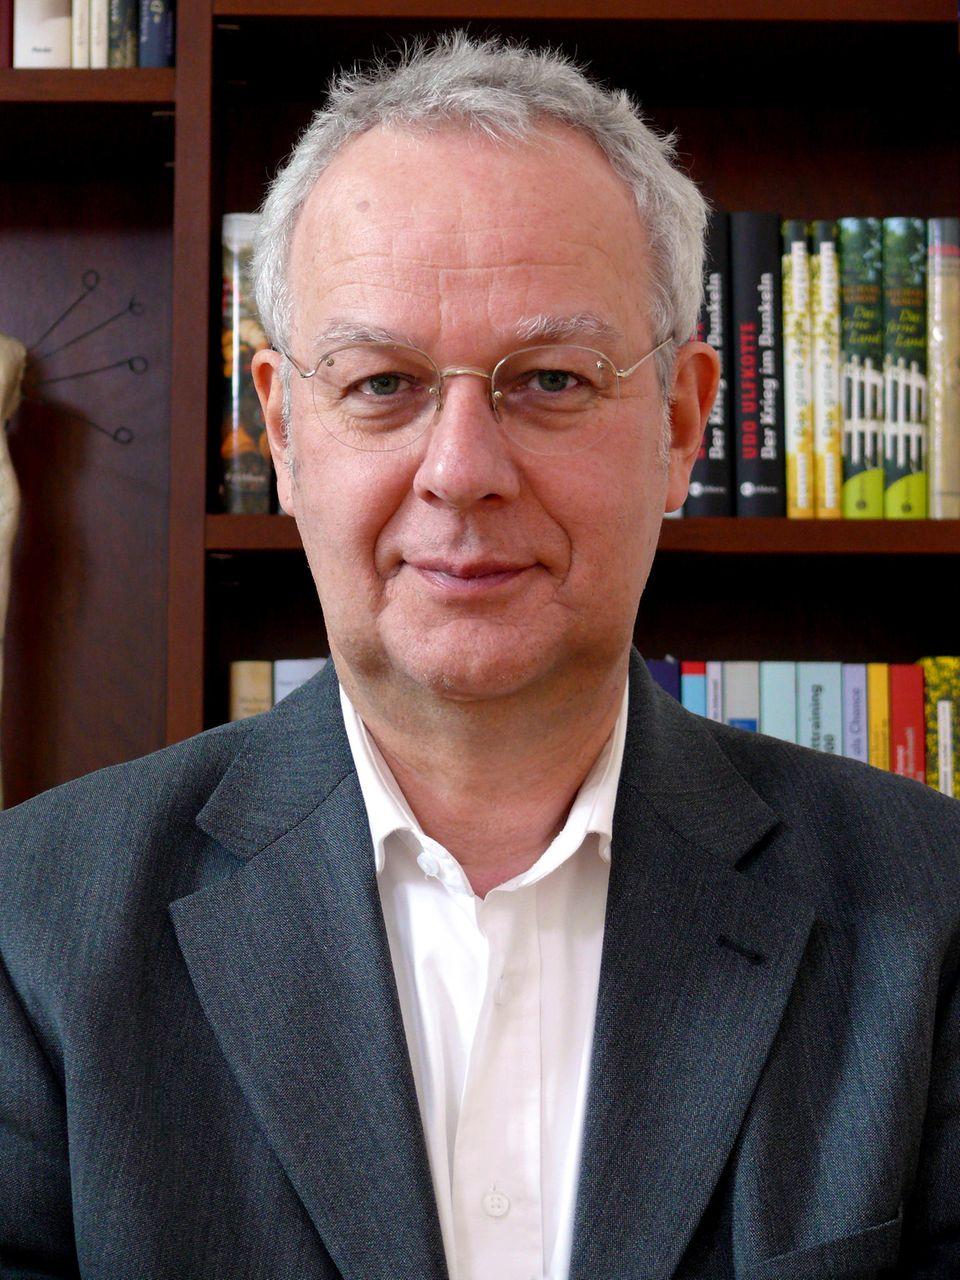 Jürgen Hesse ist Diplom-Psychologe und einer der renommiertesten Karrierecoaches Deutschlands. Gemeinsam mit seinem Kollegen Hans Christian Schrader hat er 250 Bücher zu den Themen Bewerbung und Karriere veröffentlicht und davon mehr als sieben Millionen Exemplare verkauft.